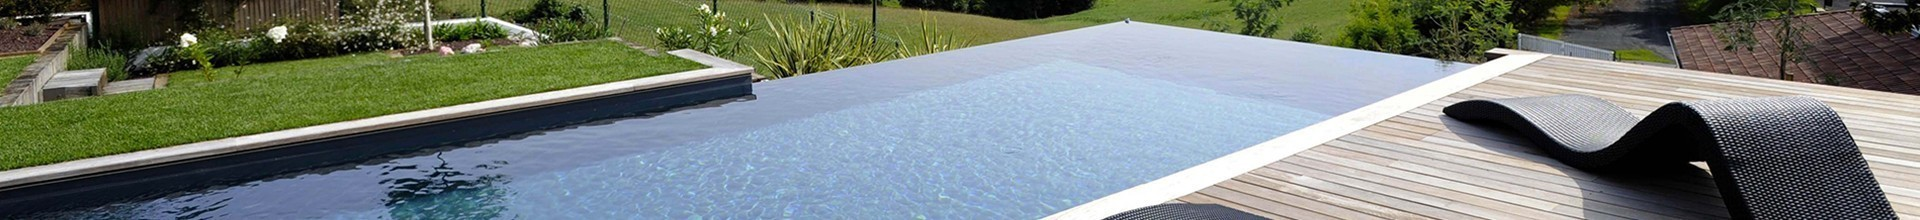 Projet piscine Pays : Espagne : votre projet coque polyester